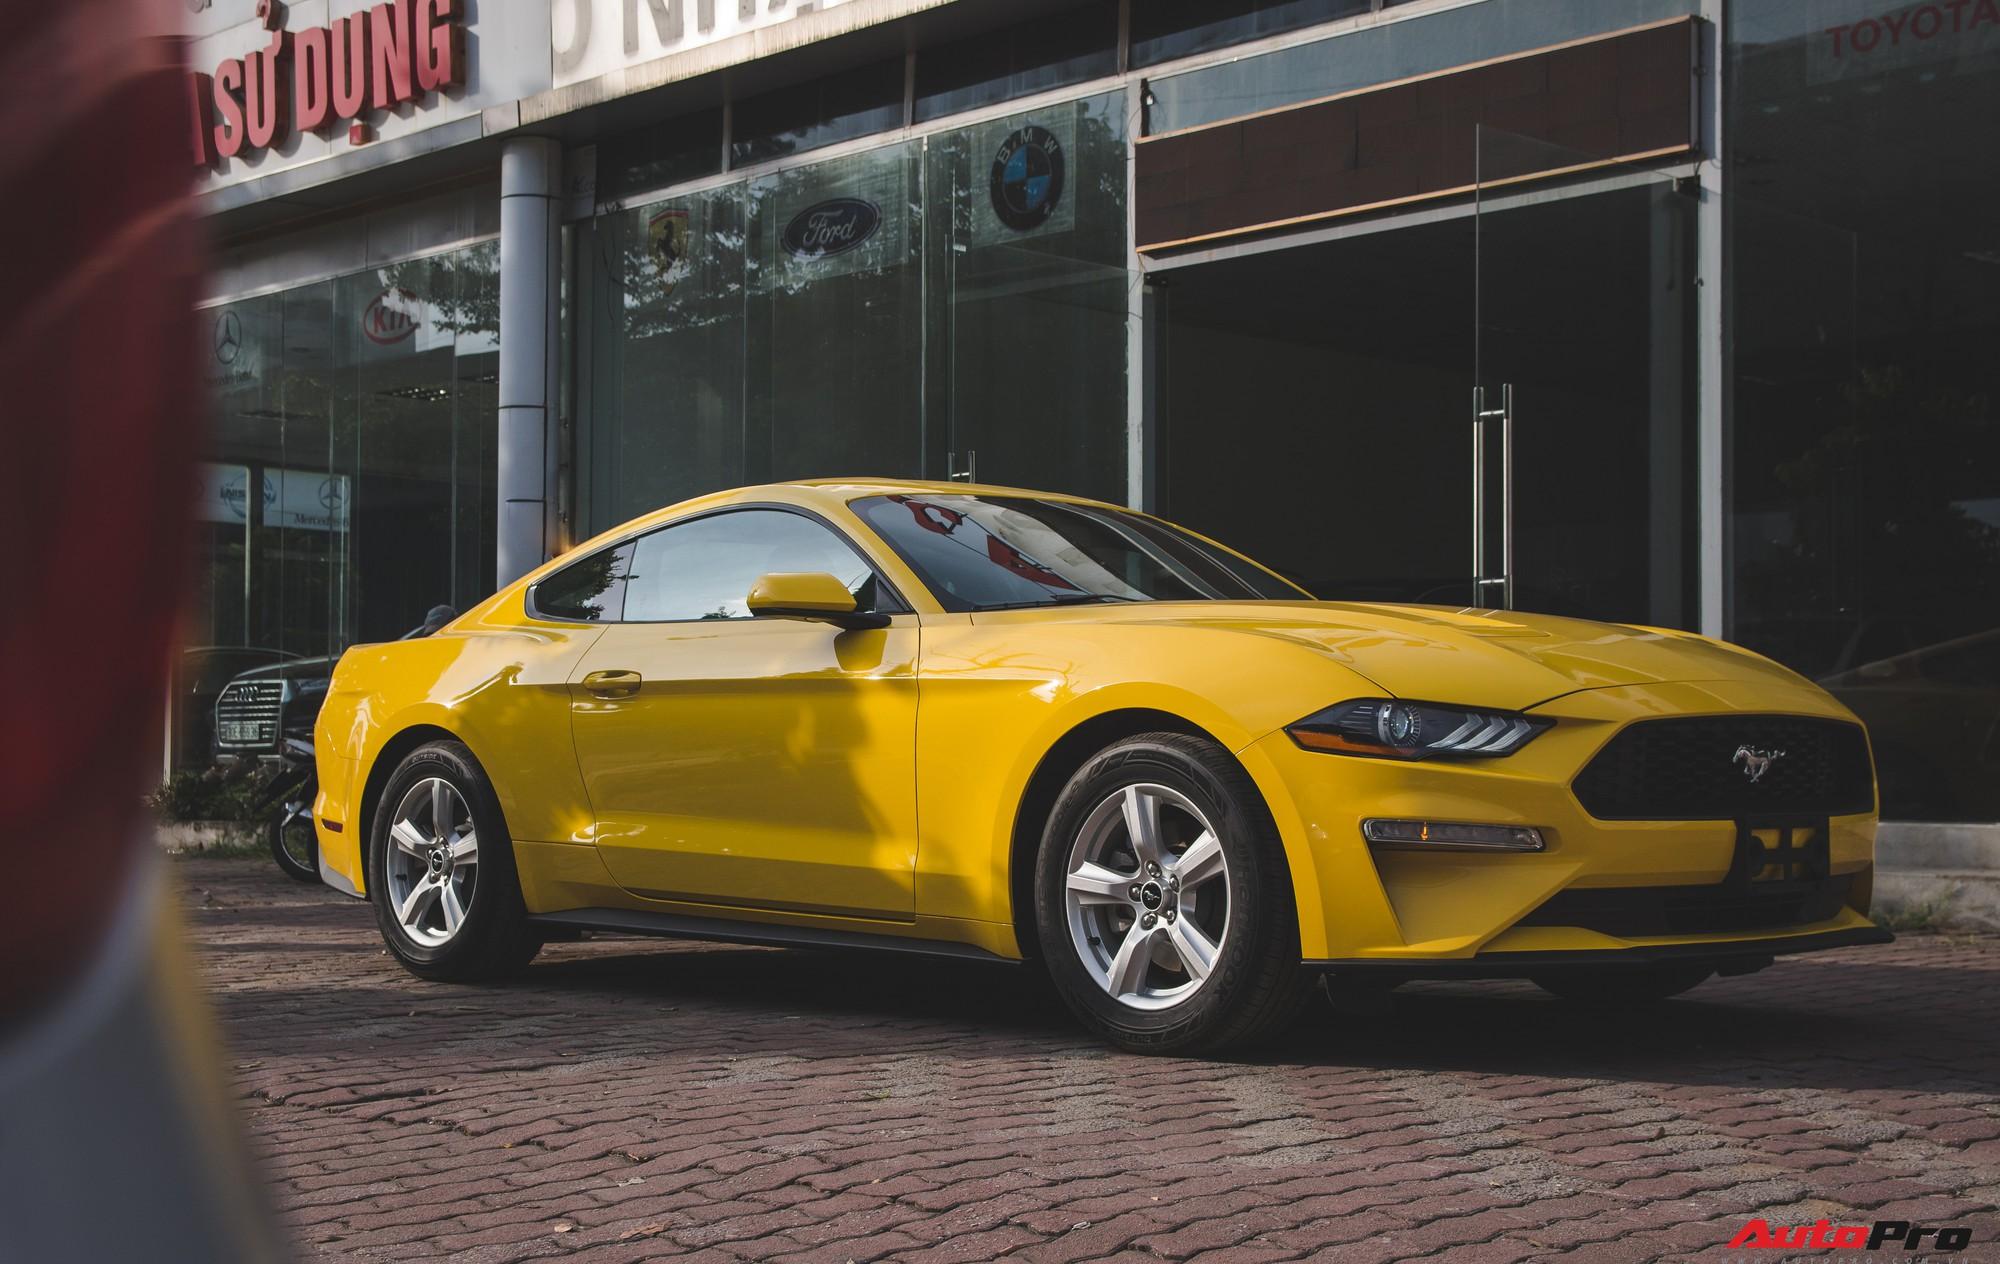 Trải nghiệm nhanh ford mustang 2018 bán ra đầu tiên tại việt nam ảnh 3